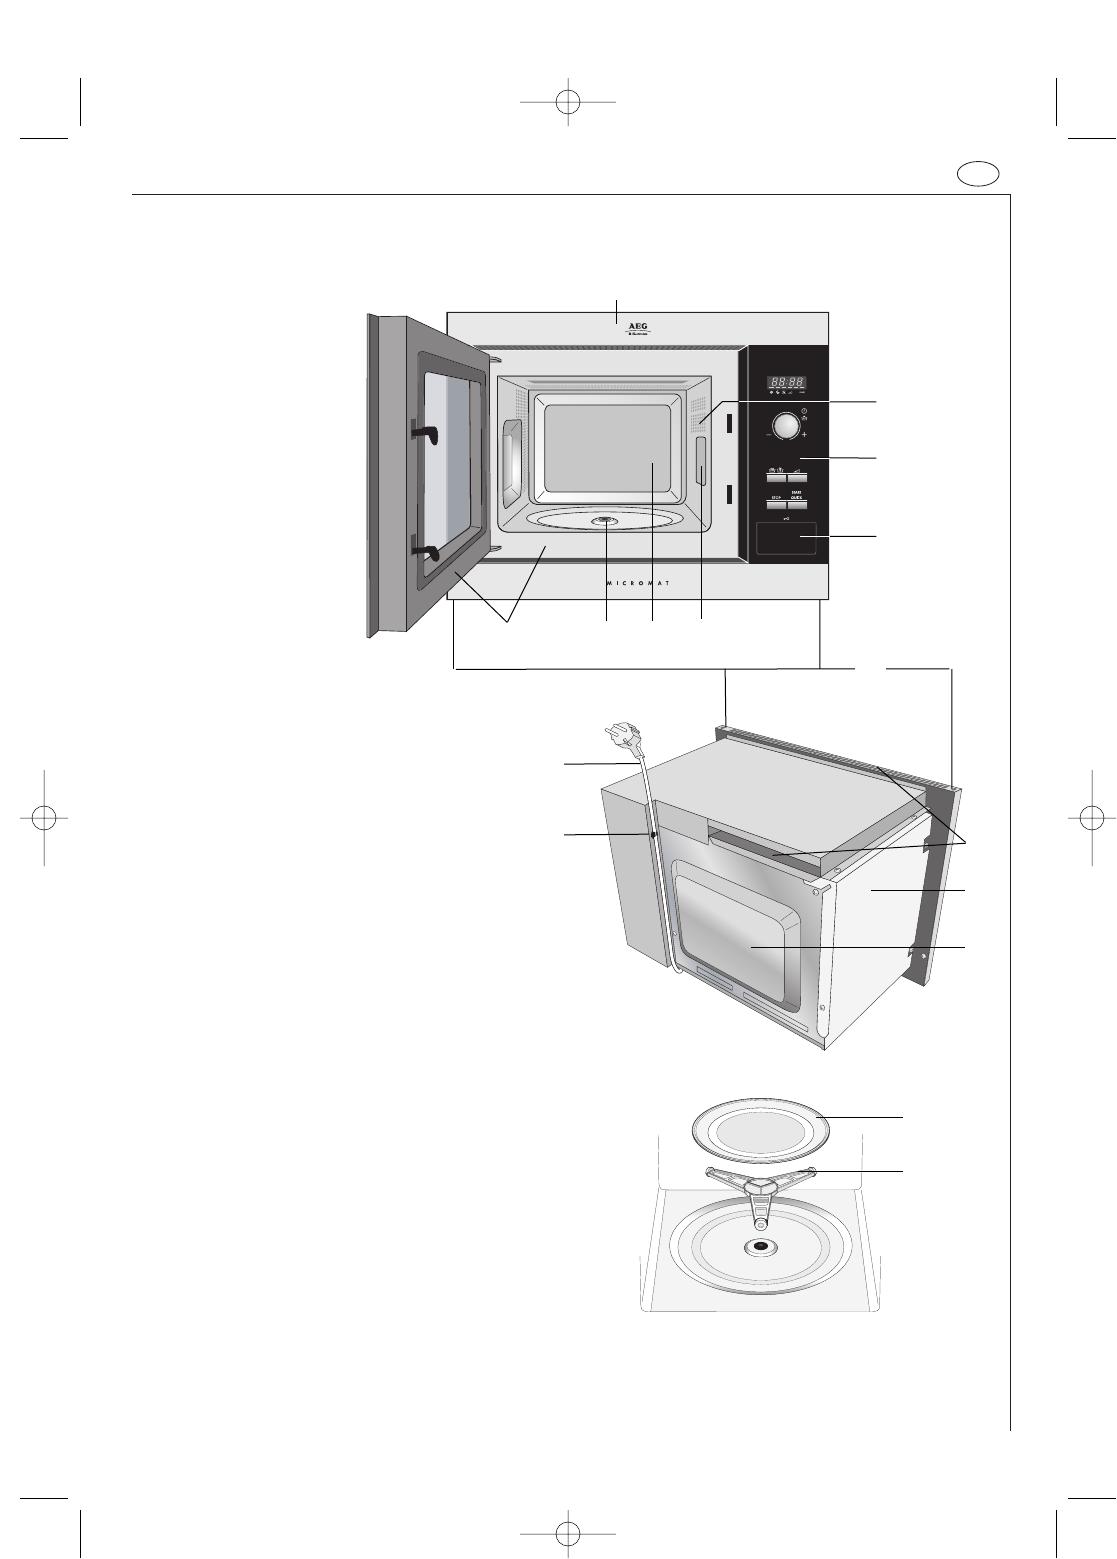 aeg mikrowelle finest mikrowelle einbau husliche einbau mikrowelle die top neu with aeg. Black Bedroom Furniture Sets. Home Design Ideas